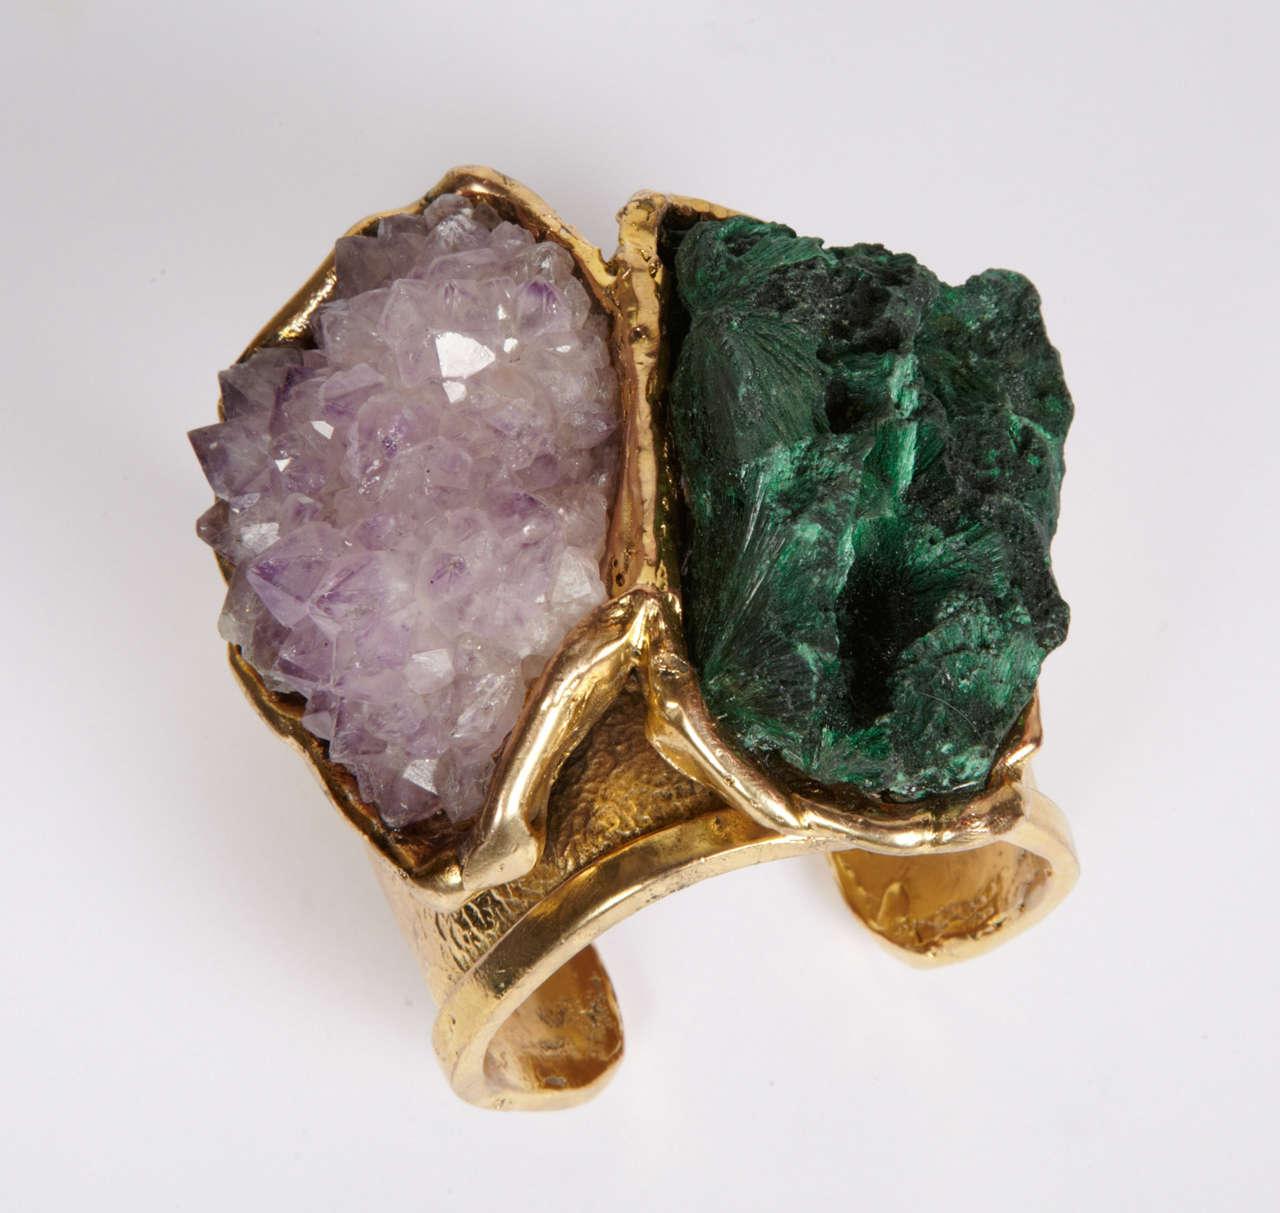 Valerie Egee -  Bronze Cuff Bracelet, Green Malachite, Rodocrosytis 7